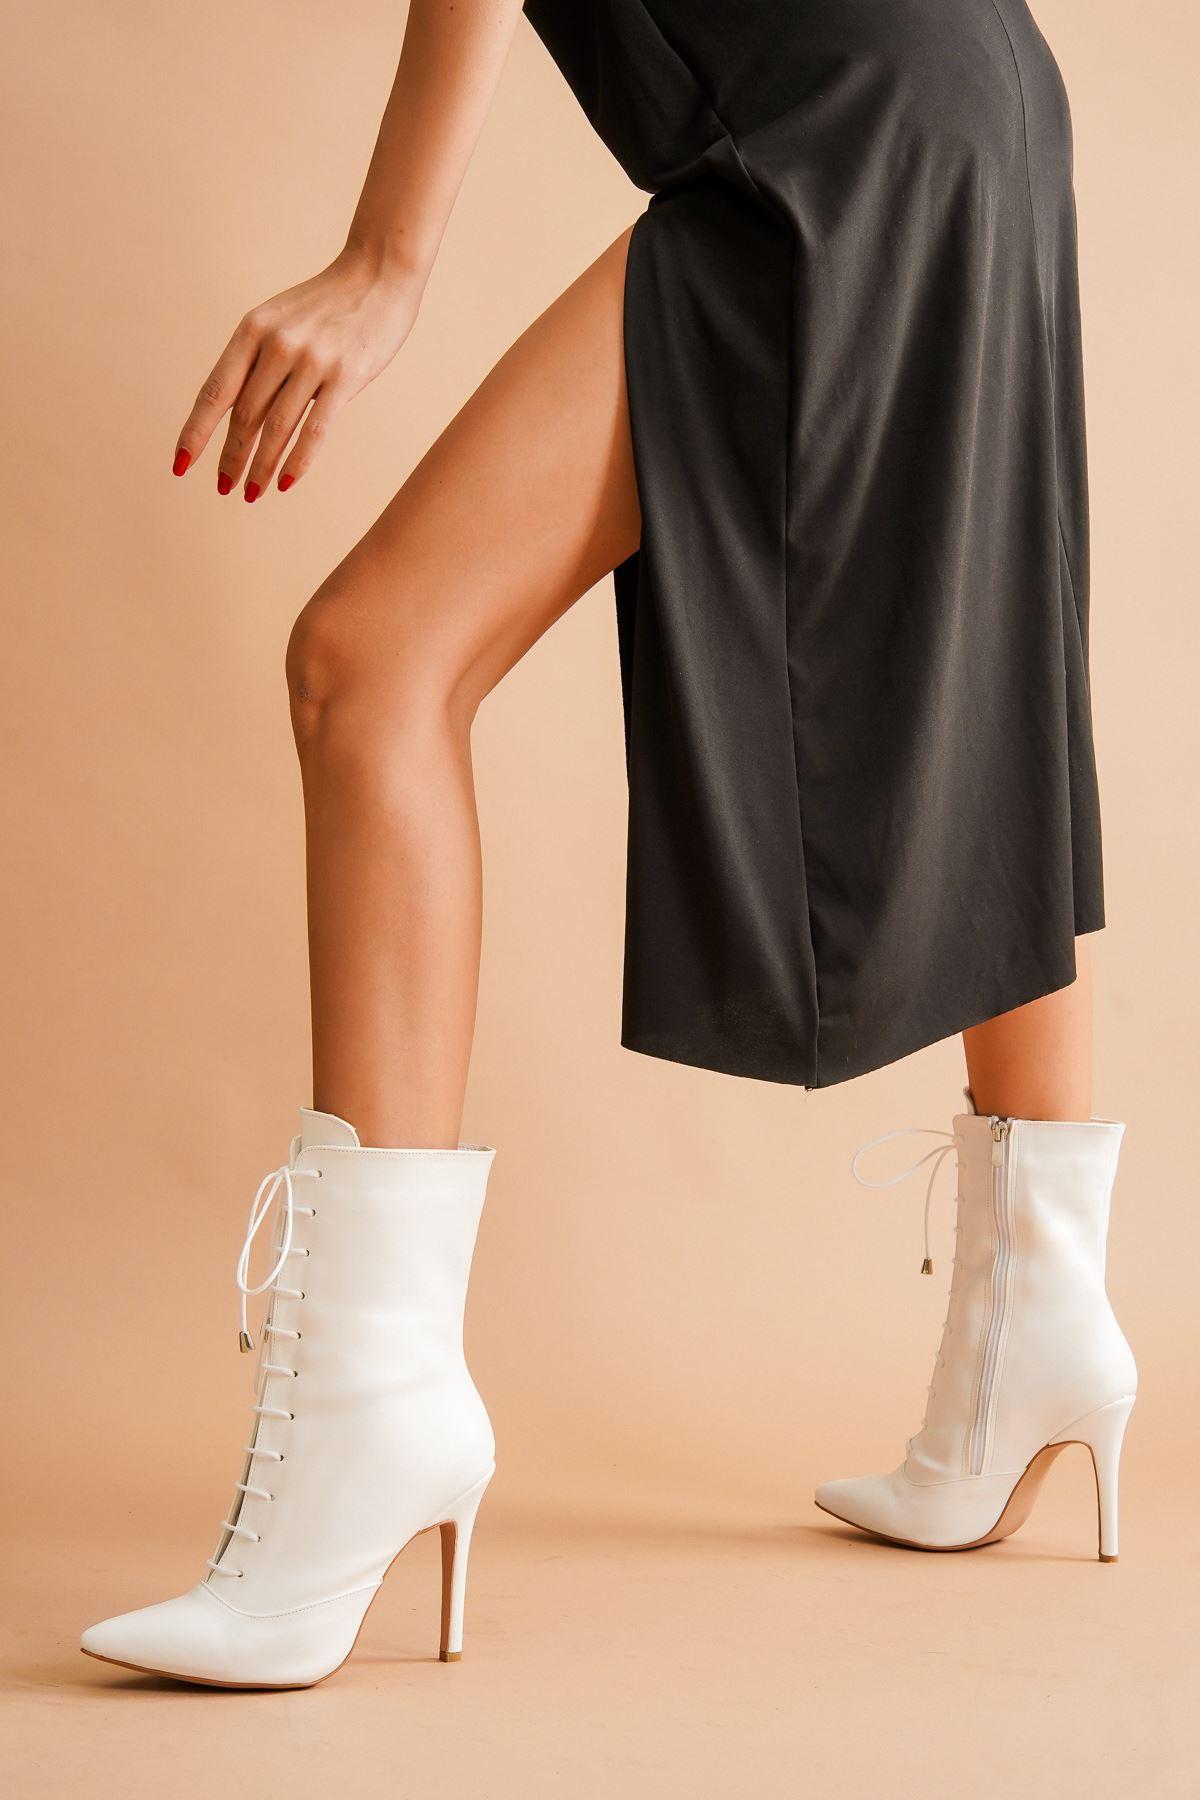 Edge Bağcıklı Beyaz Cilt Topuklu Kadın Bot